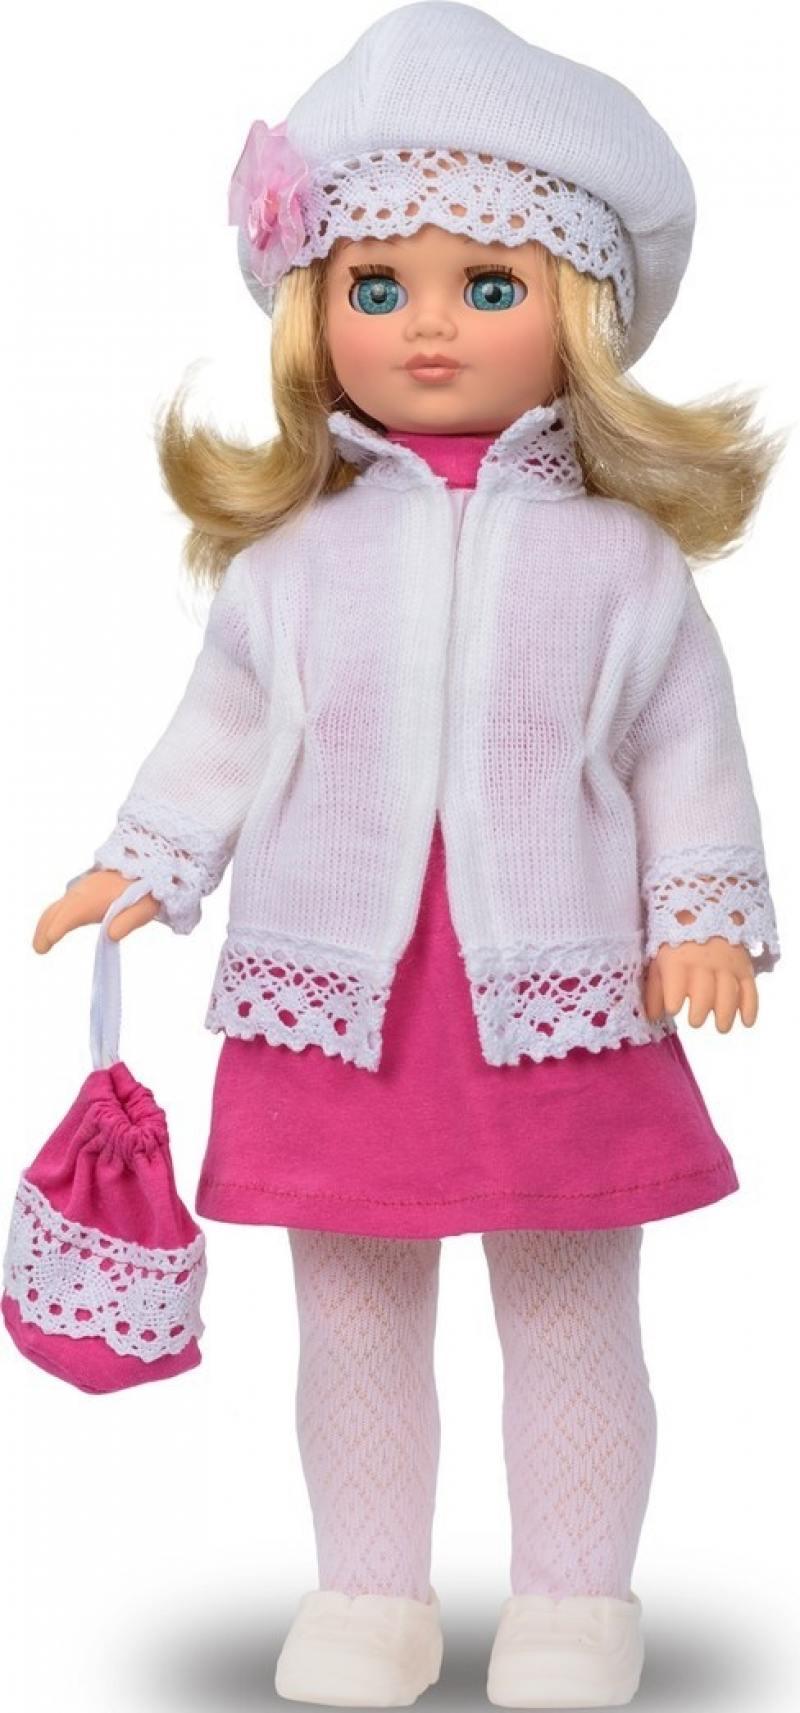 Кукла ВЕСНА Лиза 22 (озвученная) кукла весна наталья 7 озвученная в645 о